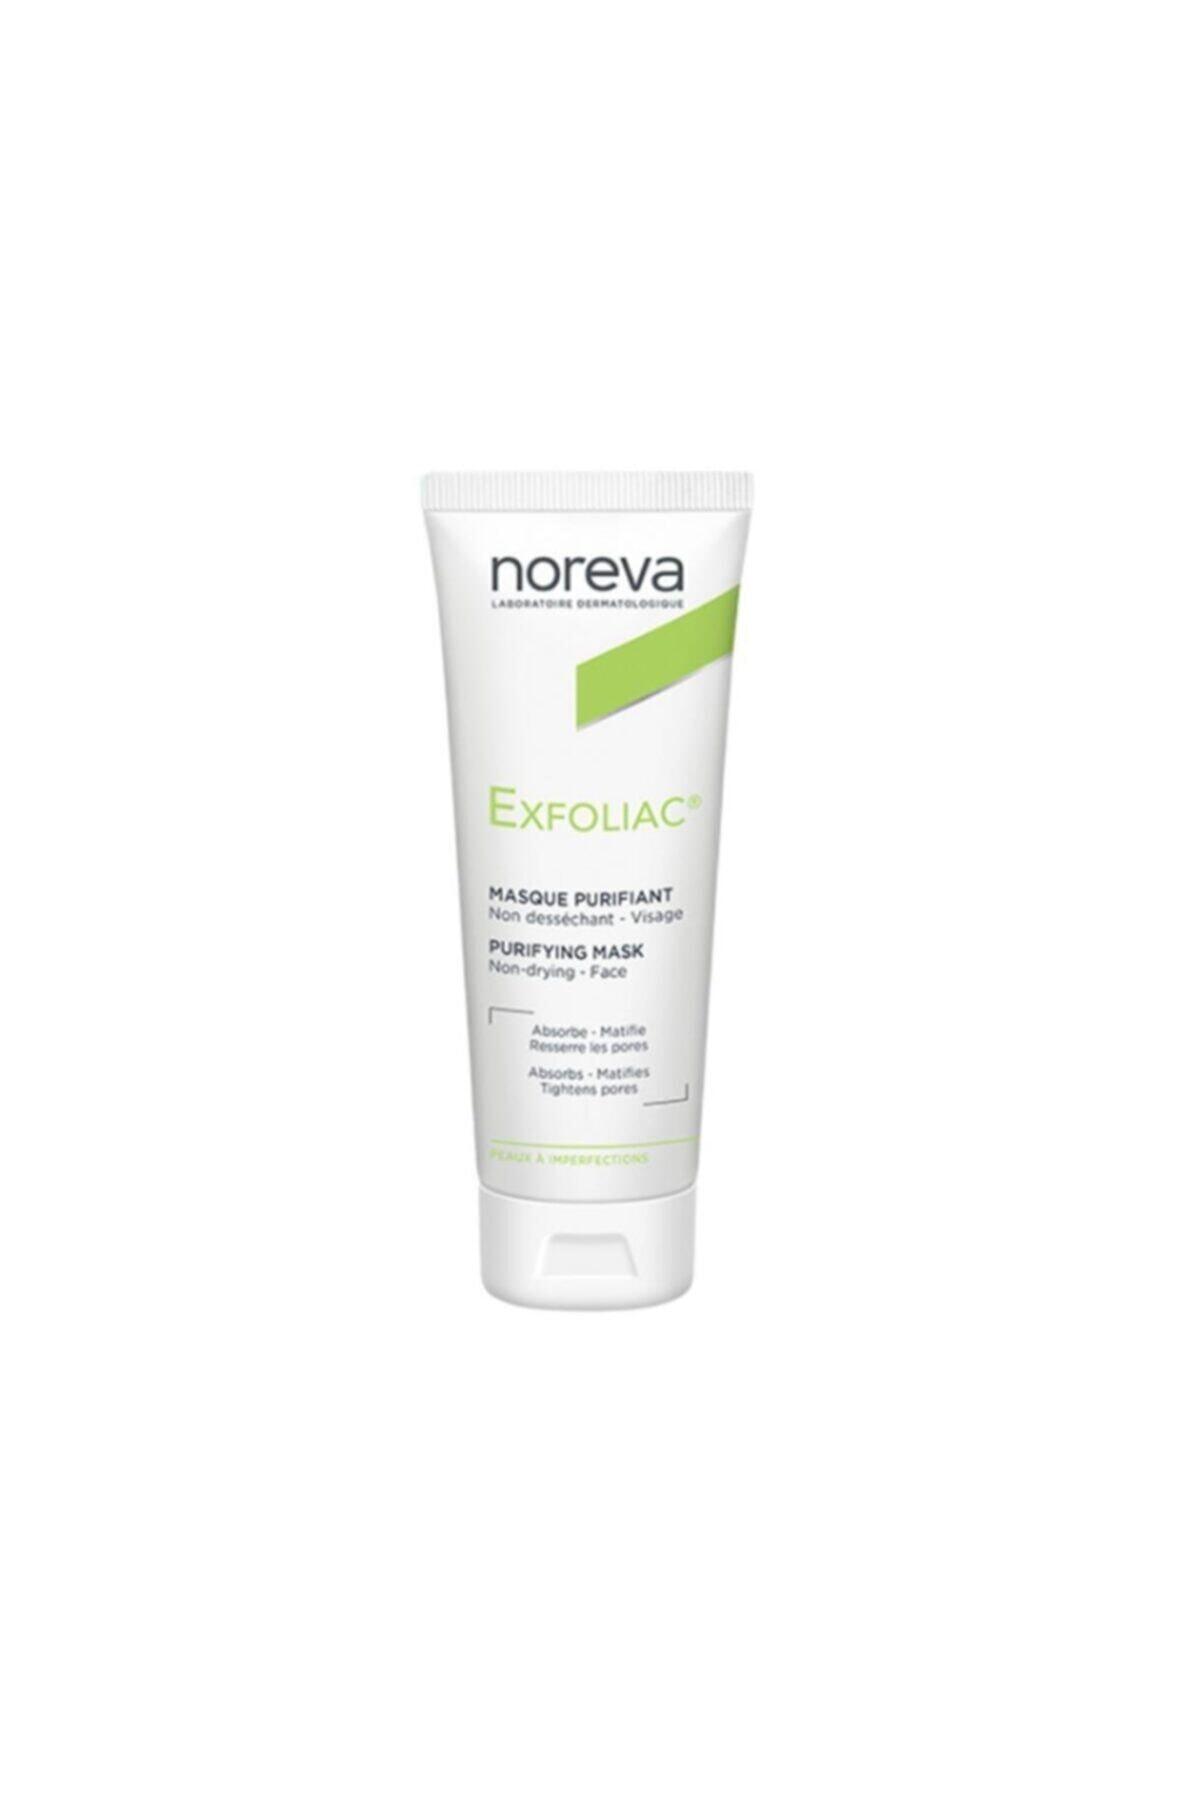 Noreva Exfoliac Deep Cleansing Mask 50ml - Derin Gözenek Arındırıcı Maske / Matlaştırıcı Etkili 1